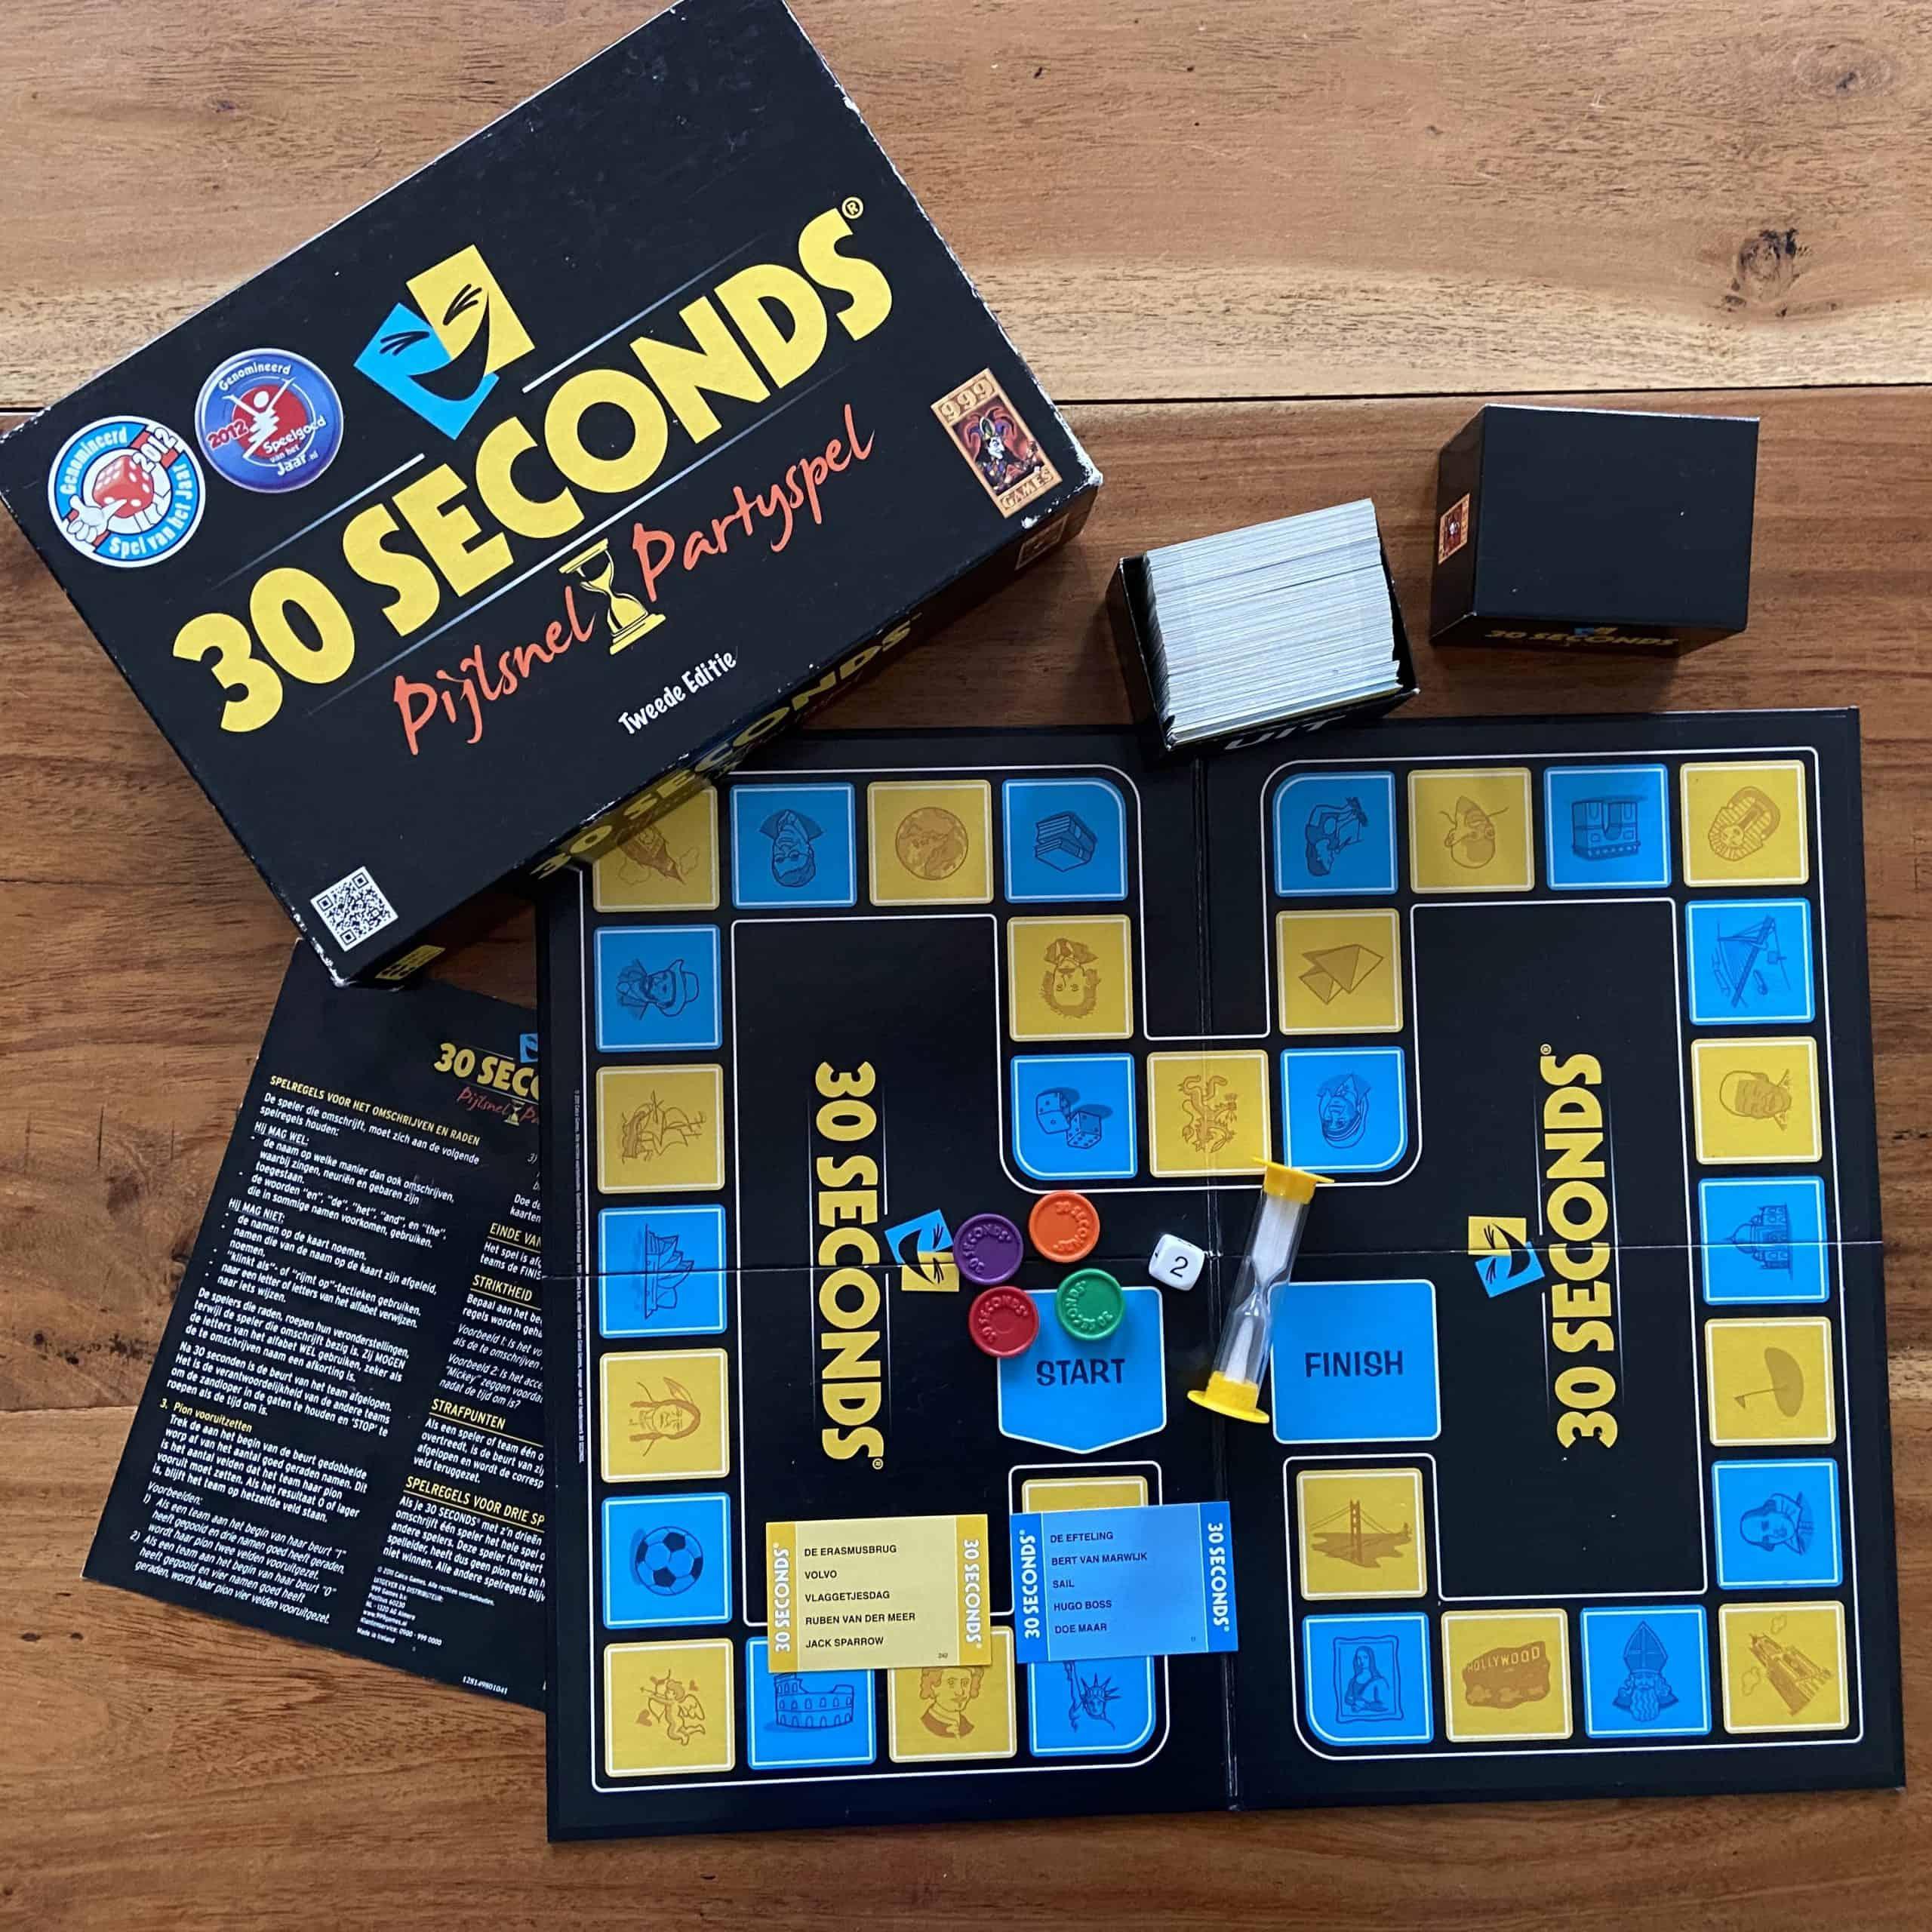 30 Seconds Partyspel van 999 Games